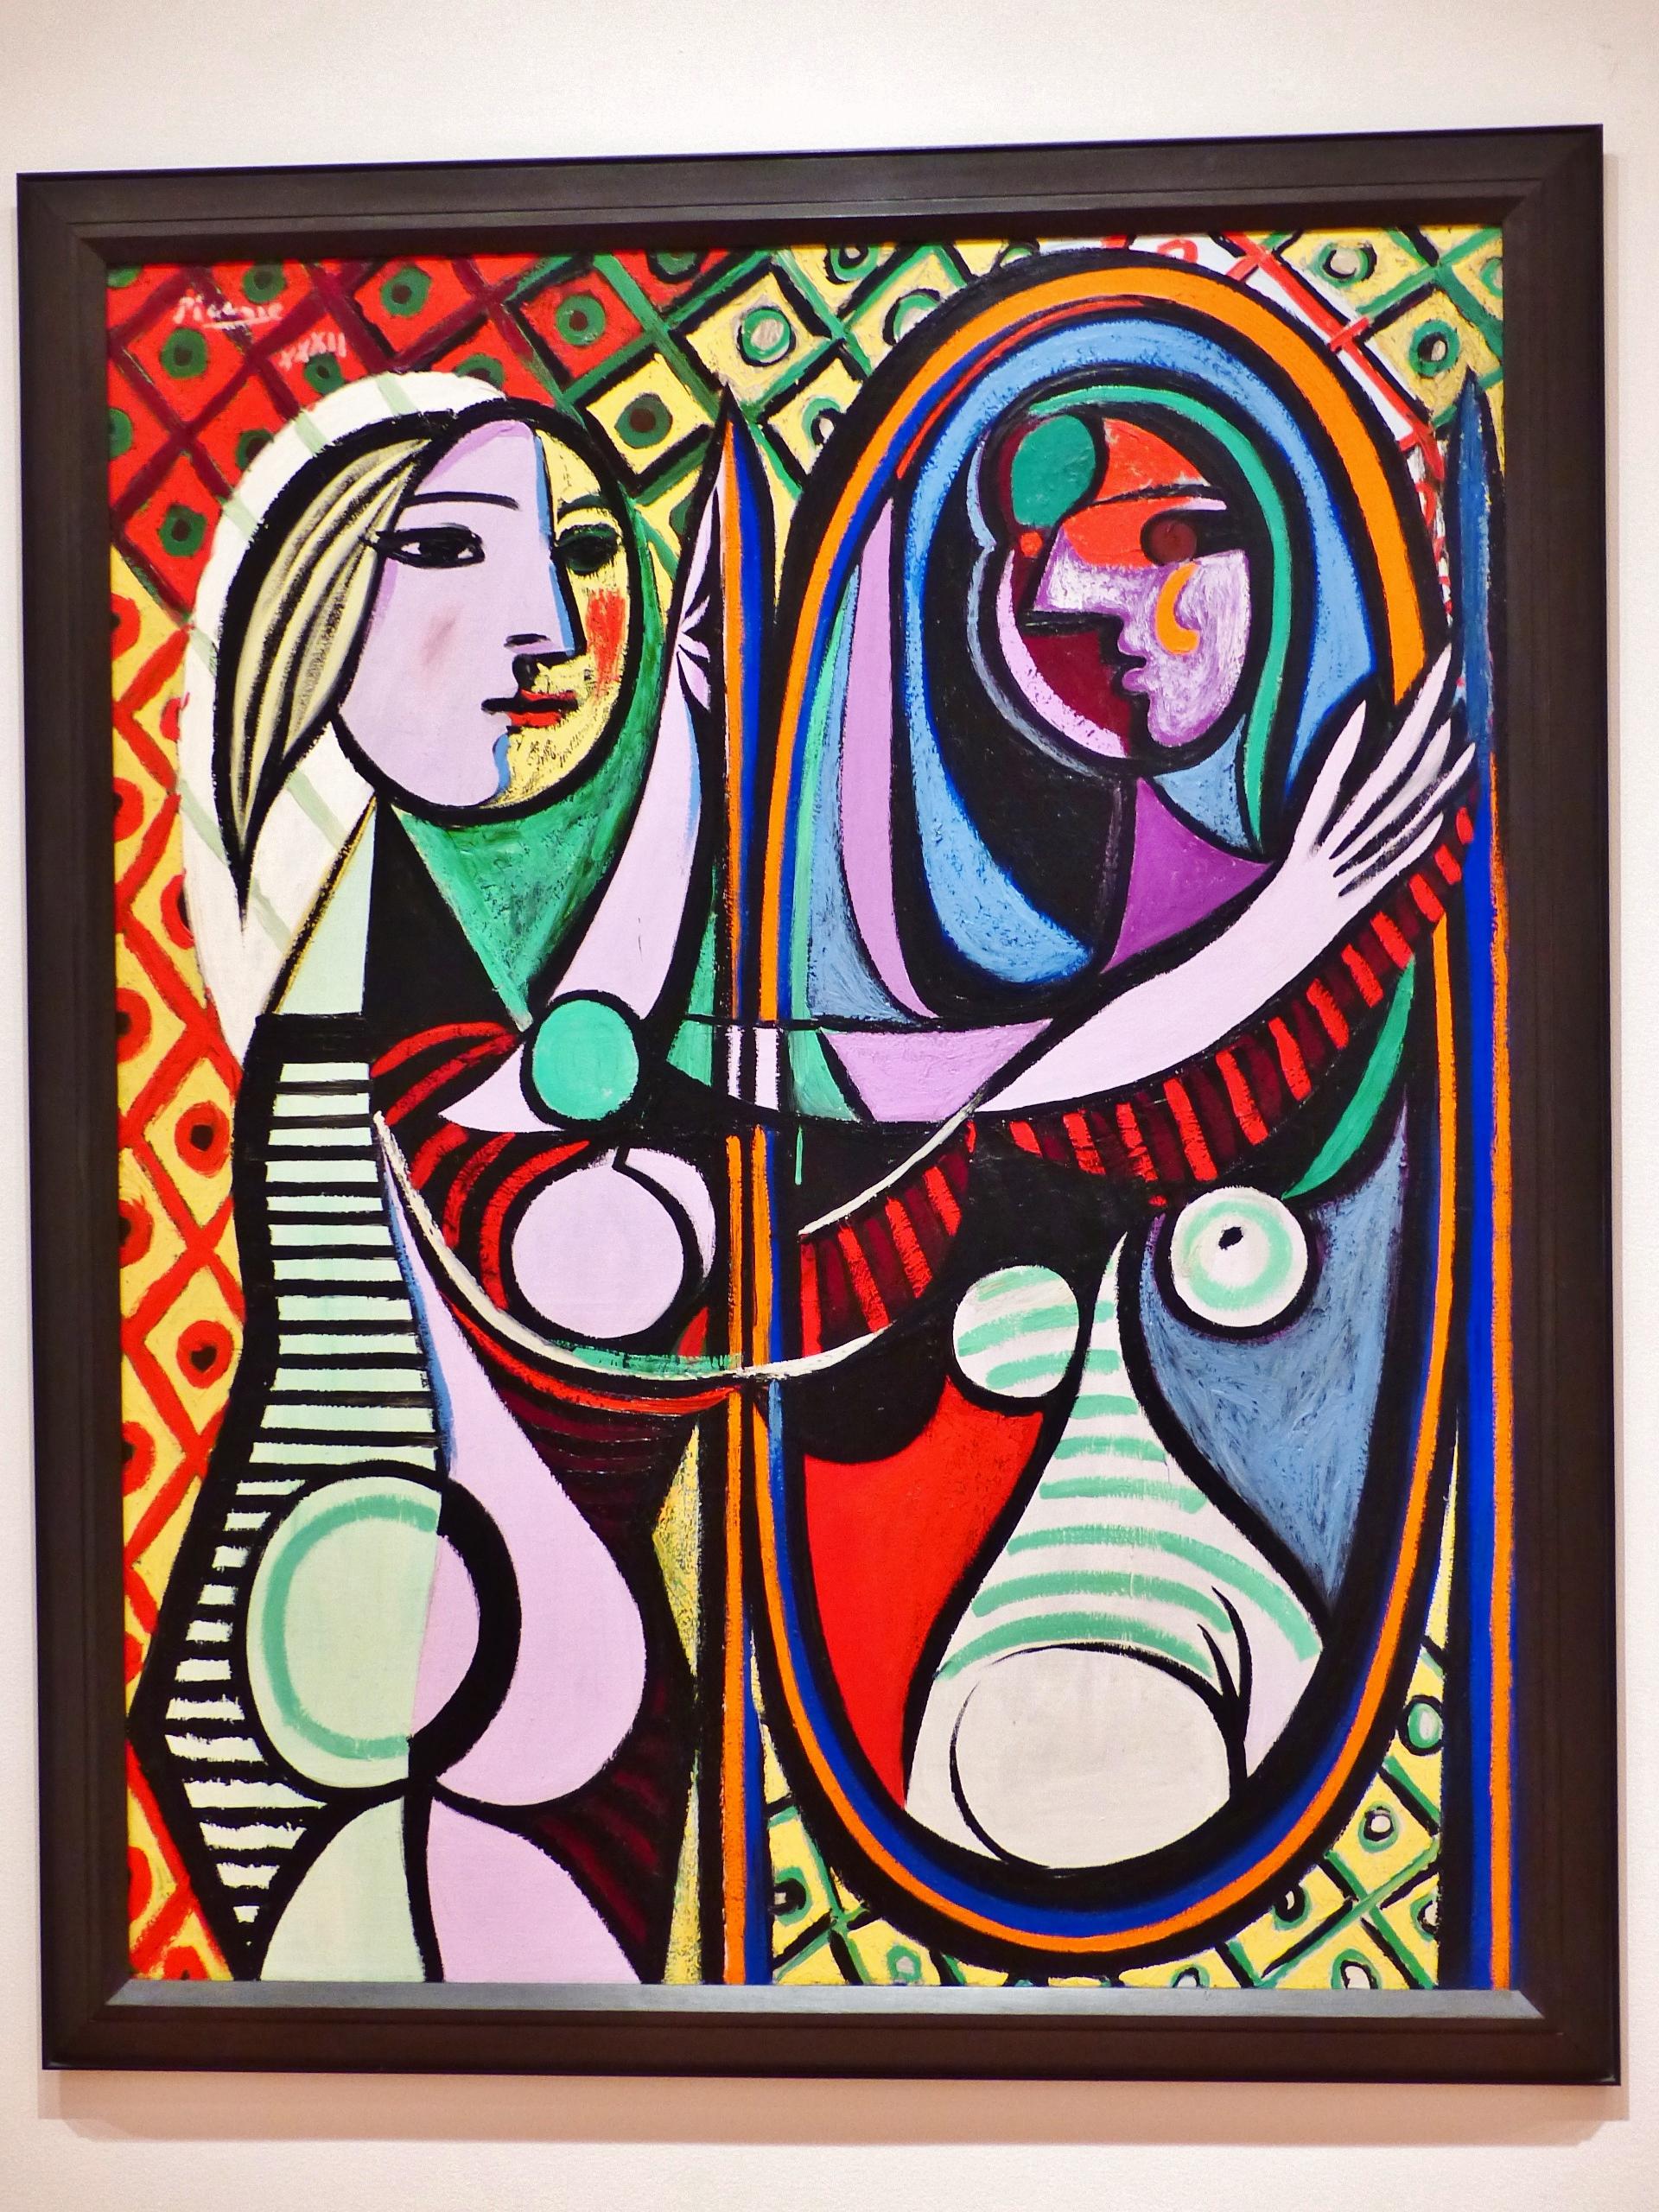 MoMA - Jeune fille devant un miroir, Picasso